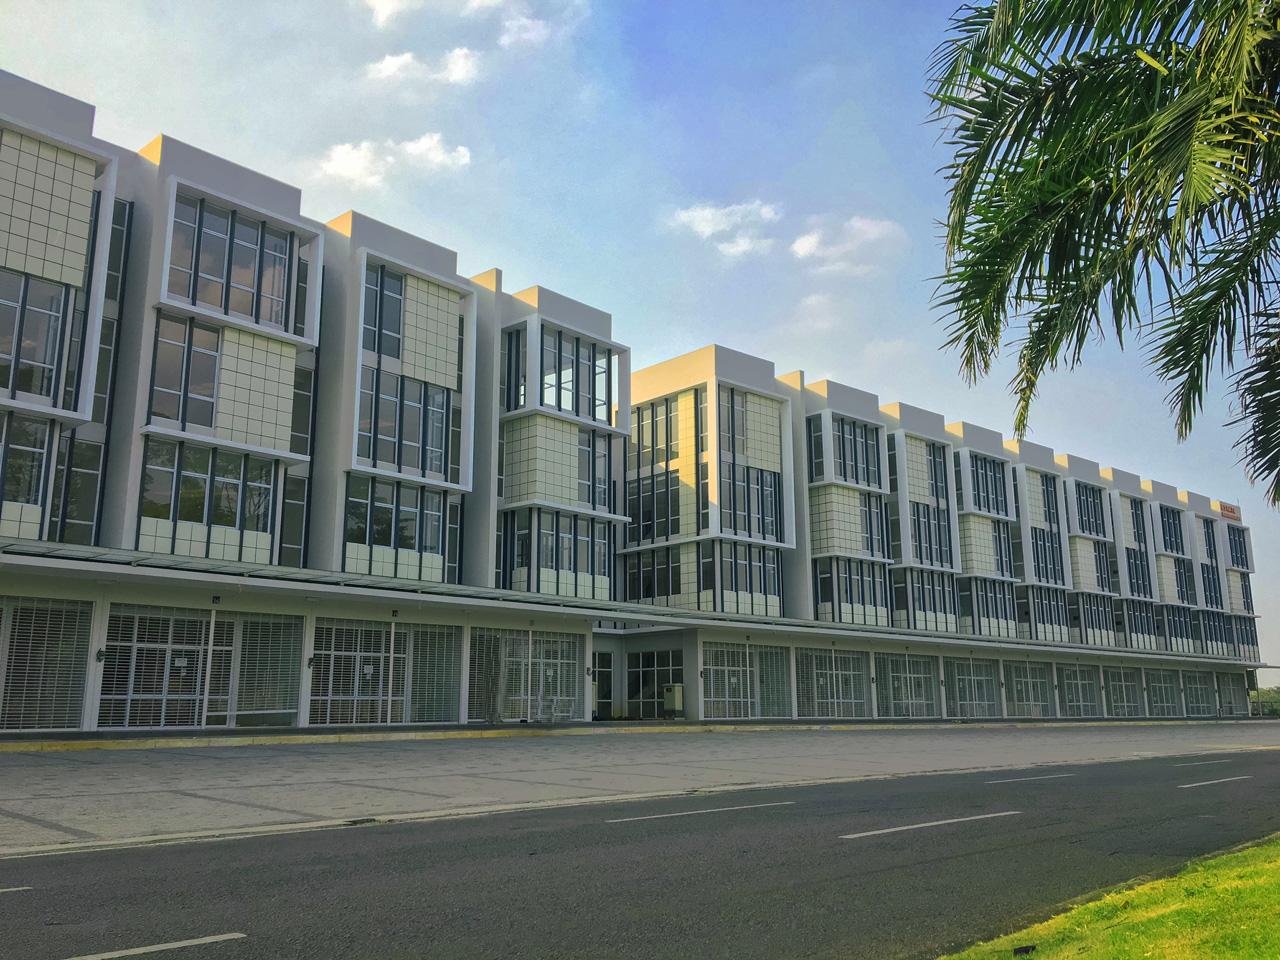 Image Grand Business Park Shophouse 4